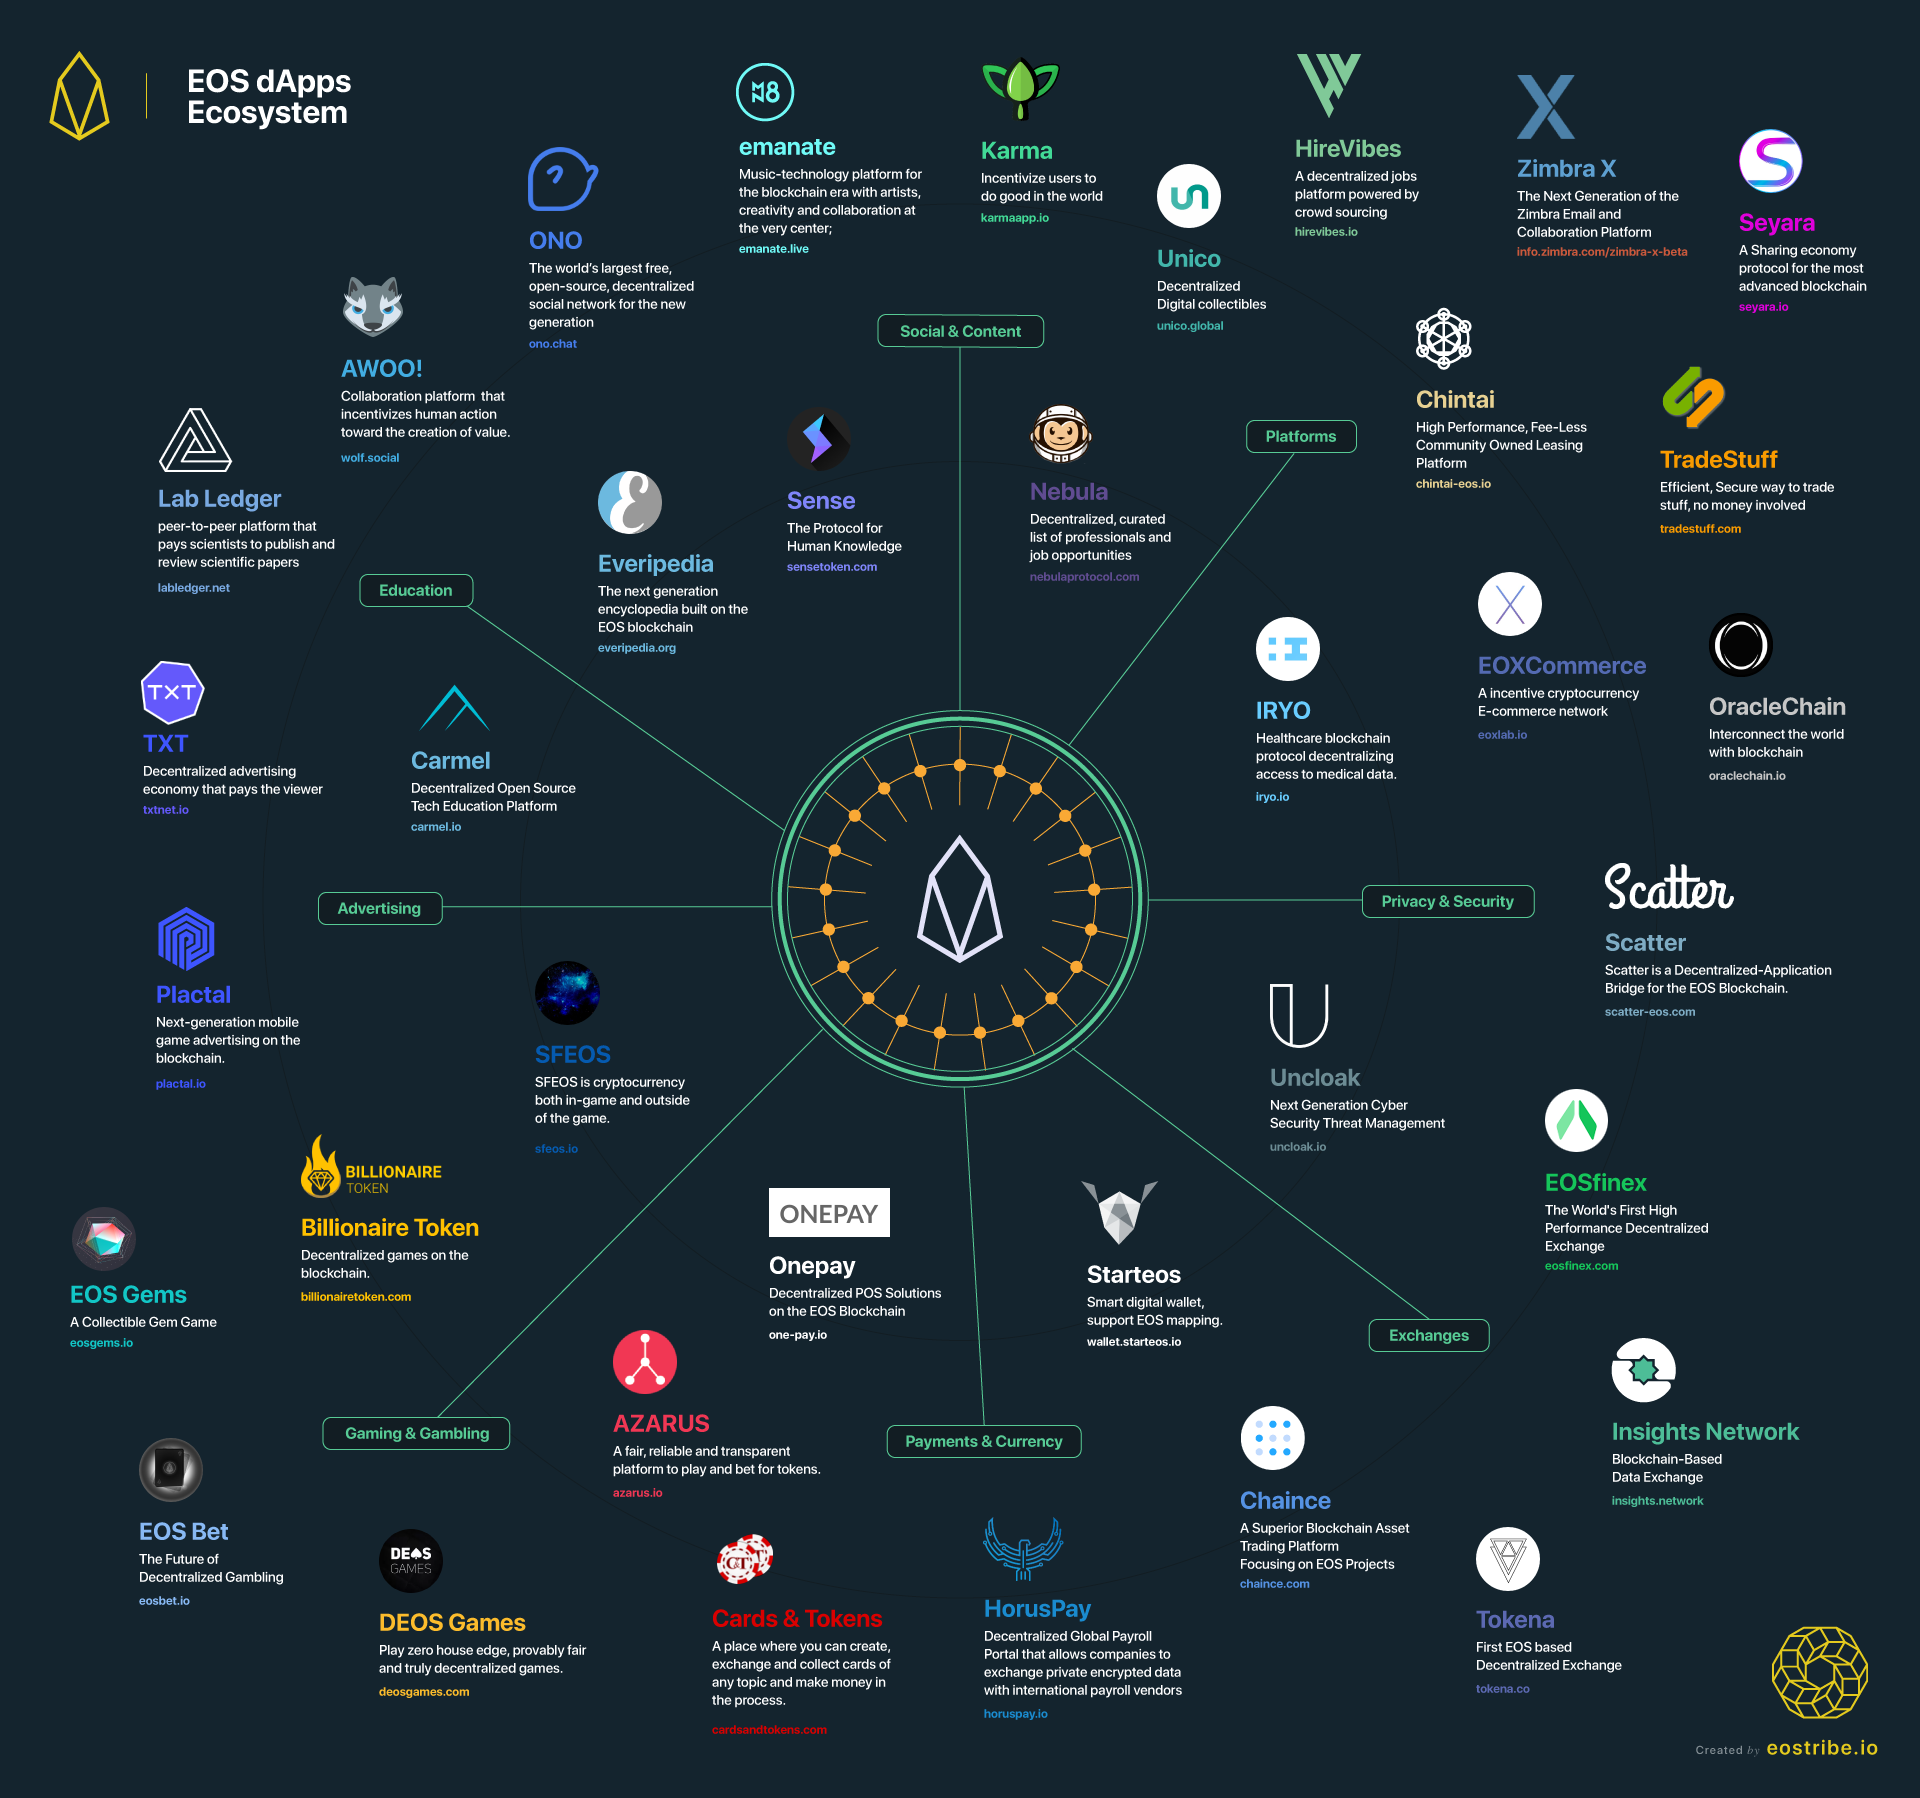 The ecosystem around EOS